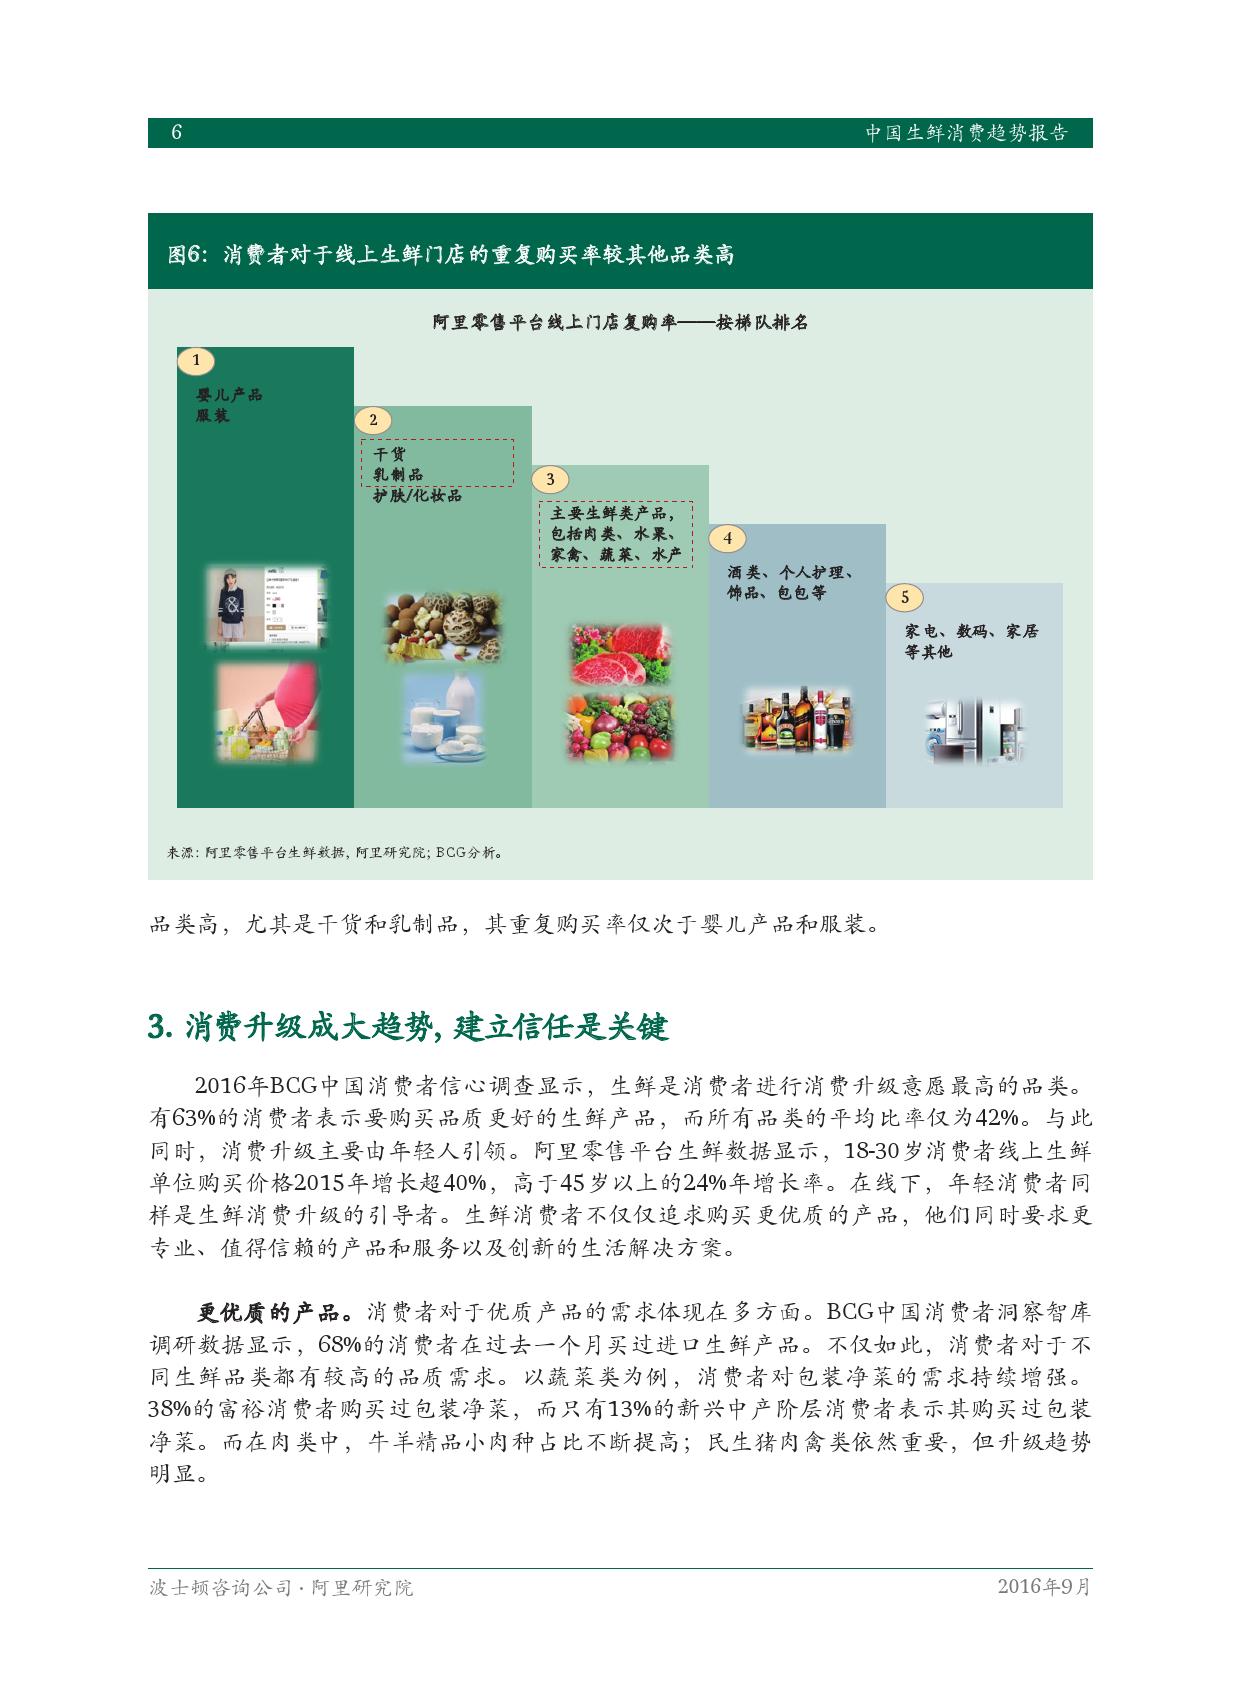 2016年中国生鲜消费趋势报告_000008